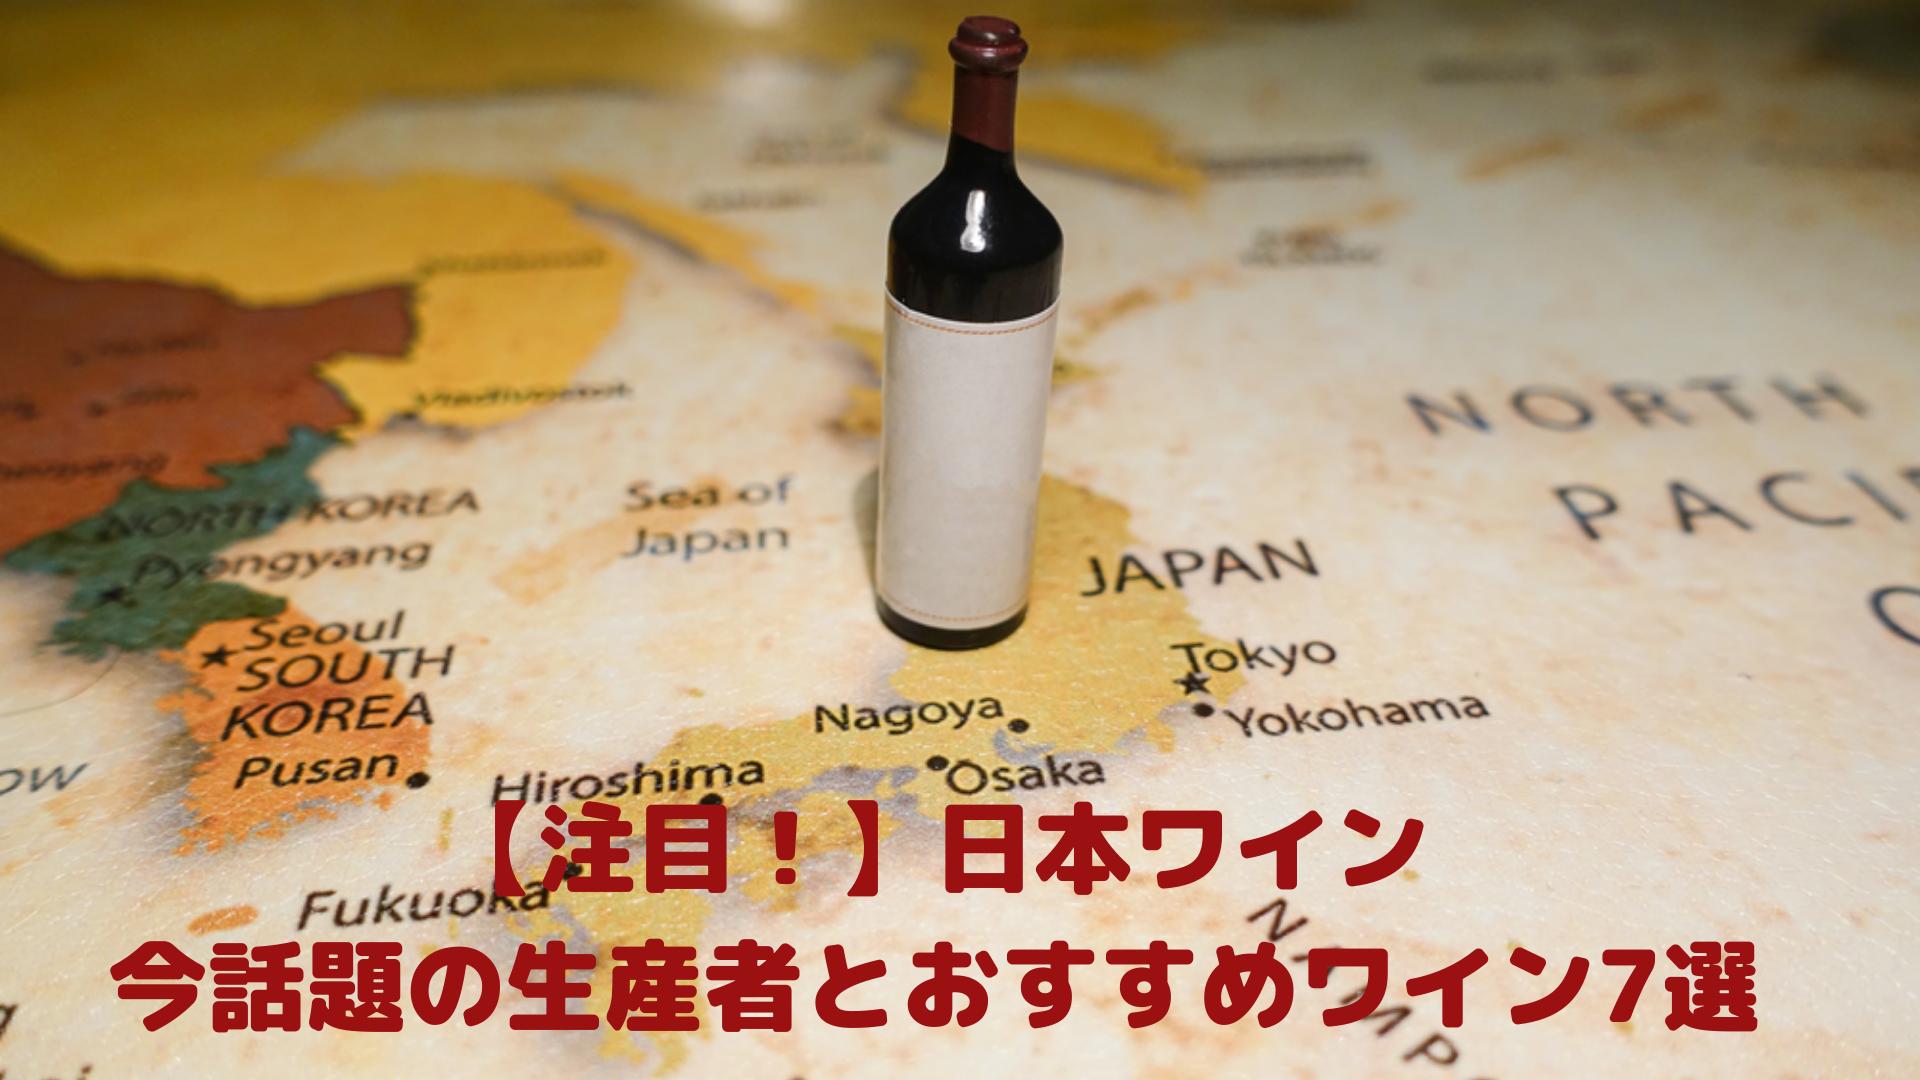 【注目!】日本ワイン 今話題の生産者とおすすめワイン7選